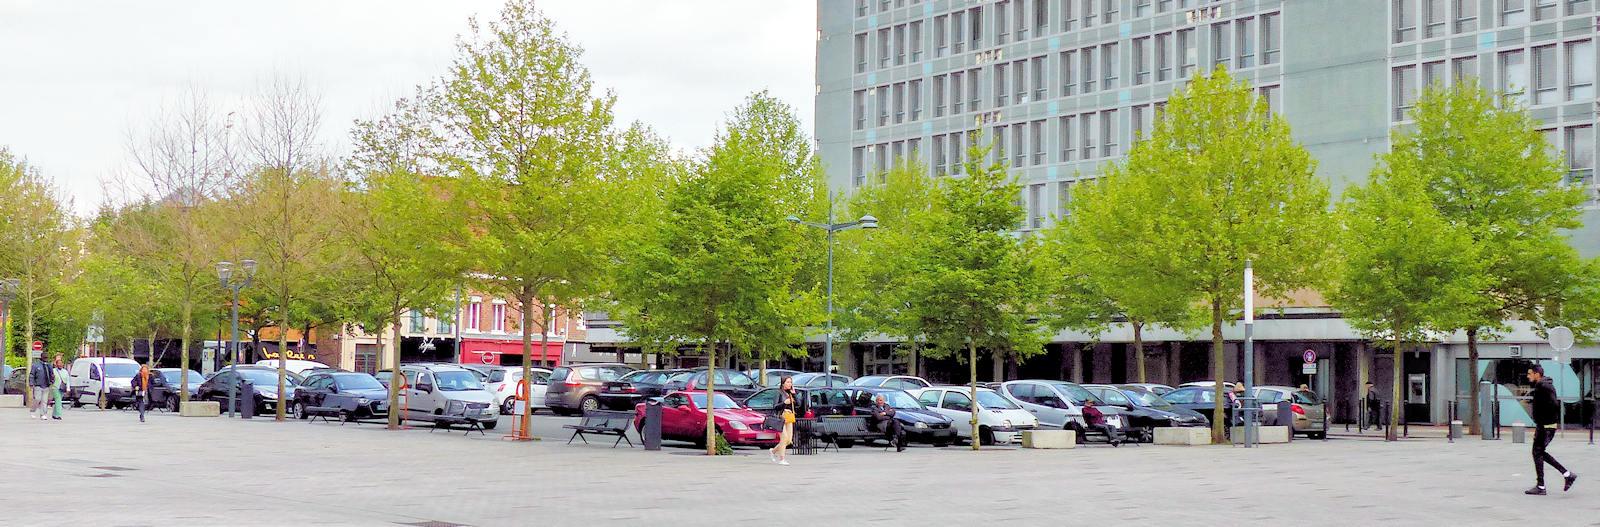 Parking Tourcoing Centre - Place de la Résistance.